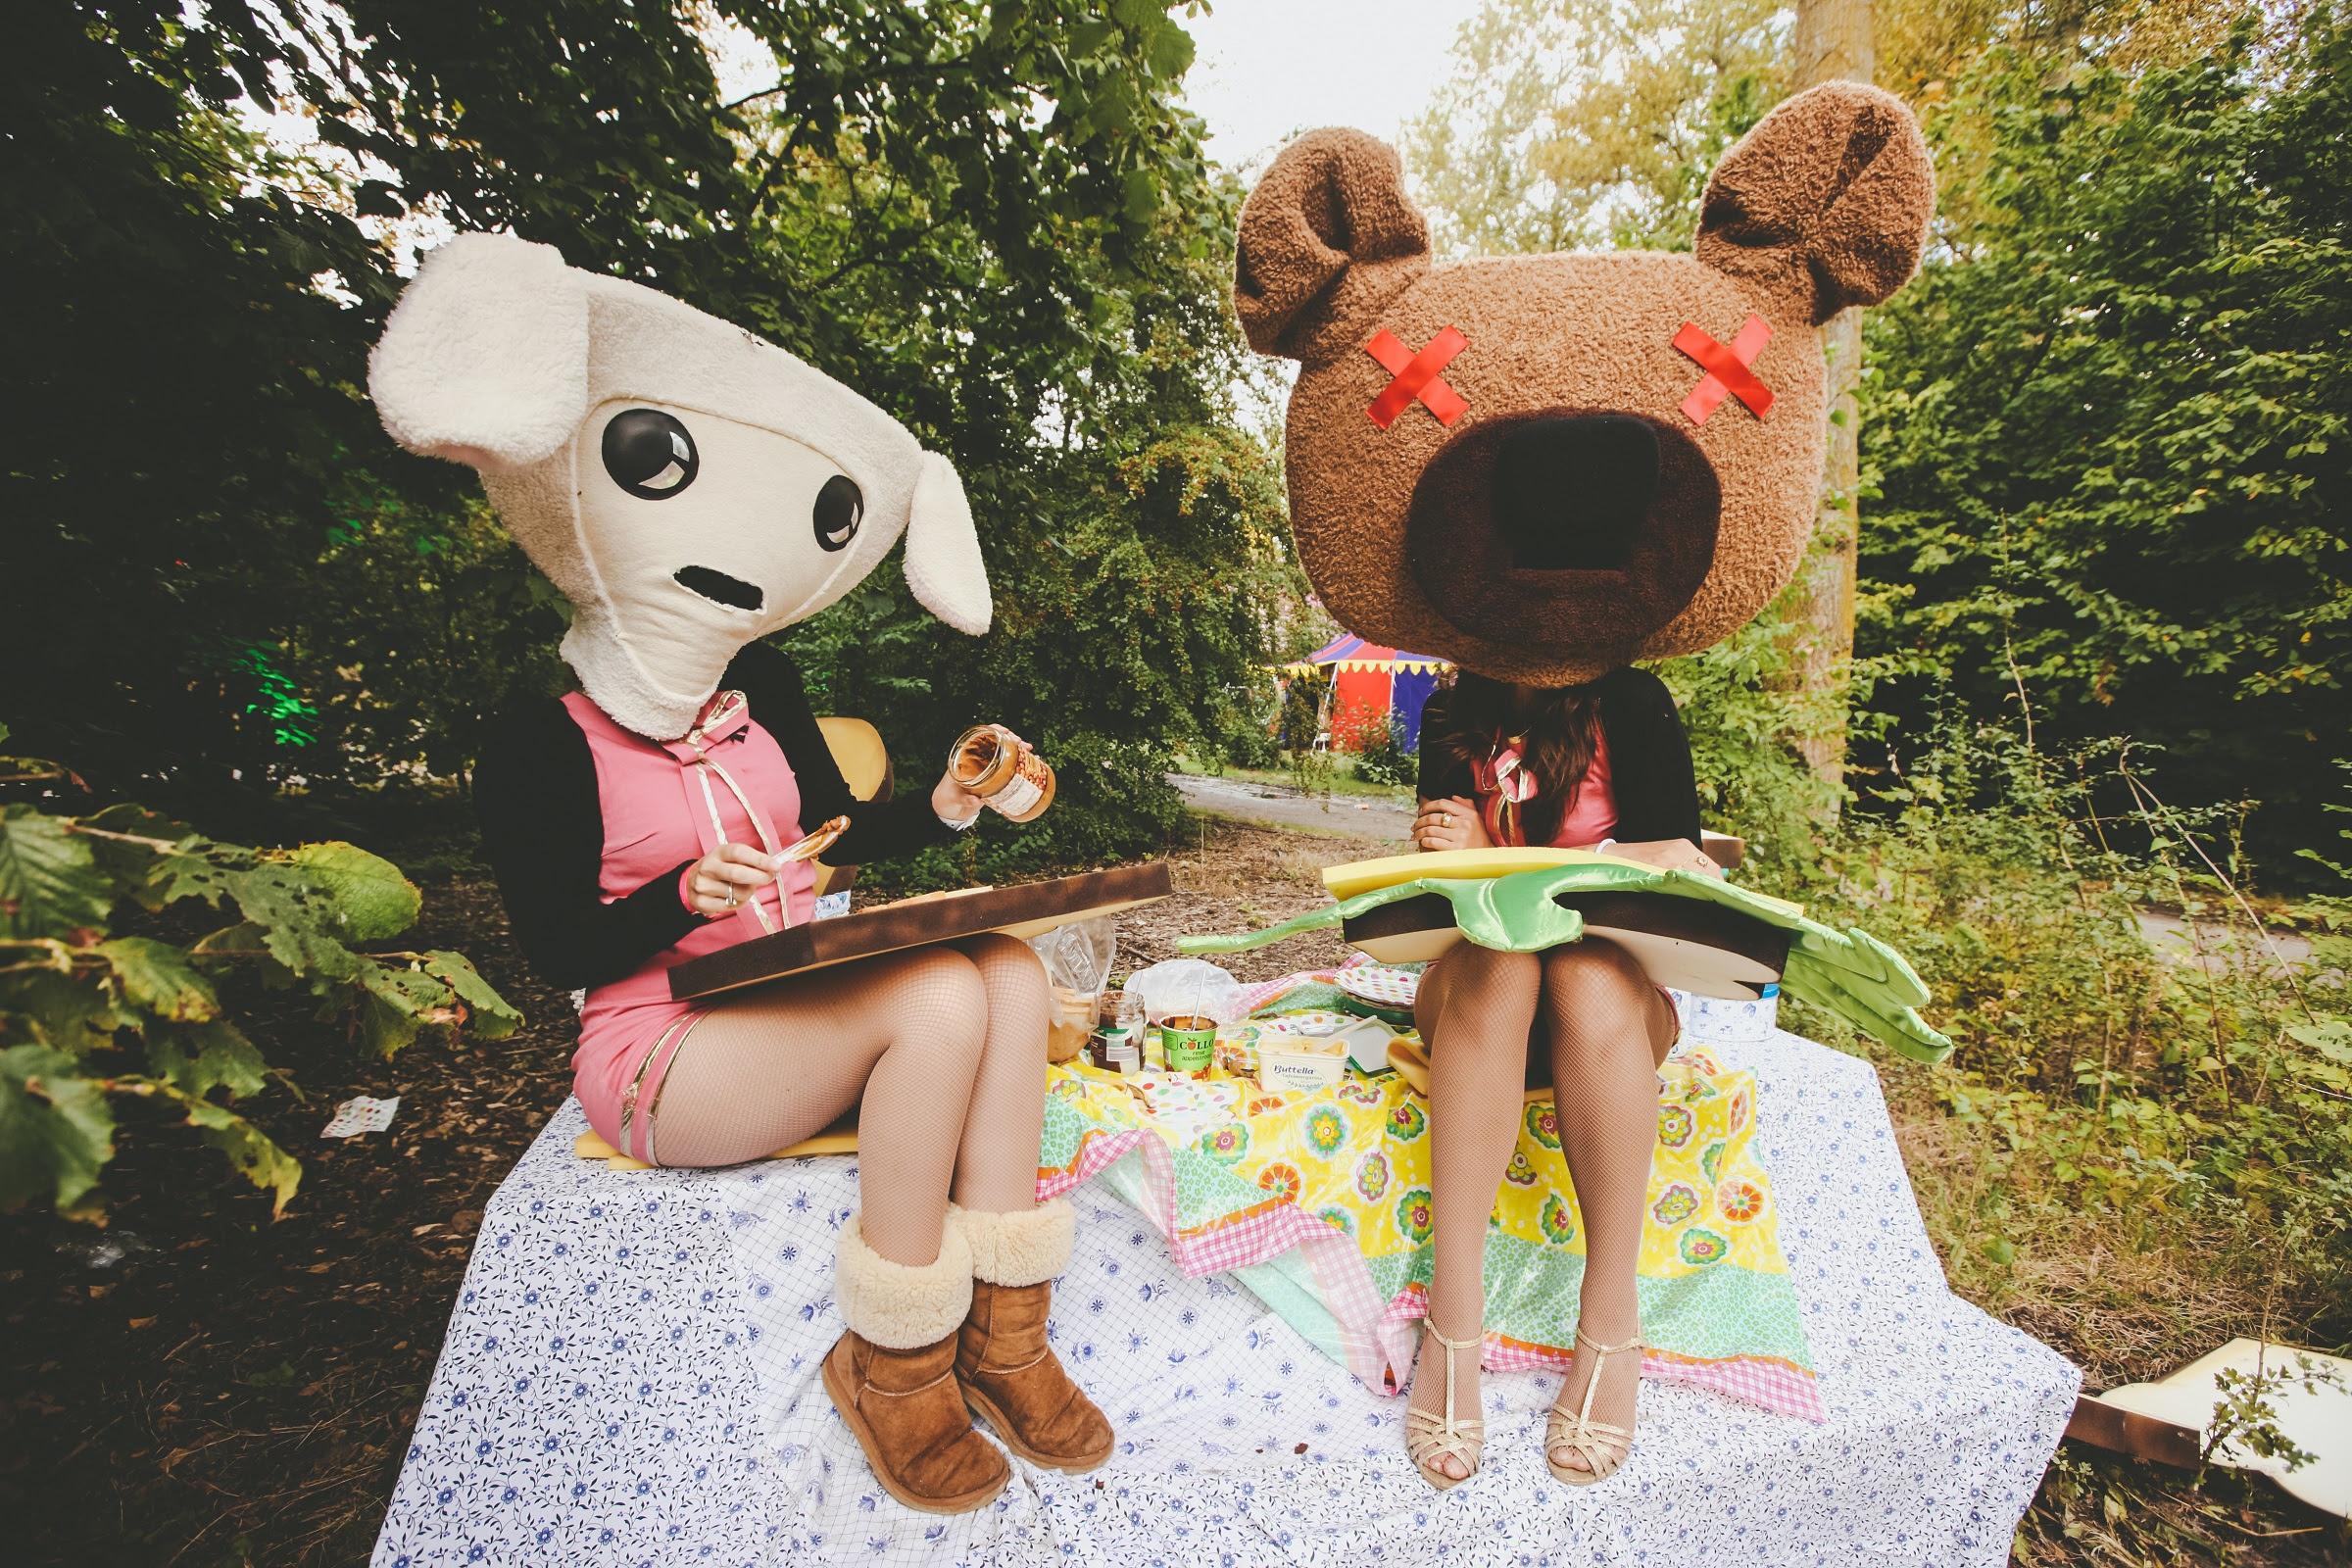 foto: © Paul Underhill van twee dames verkleed als beer en schaap op steen zittend